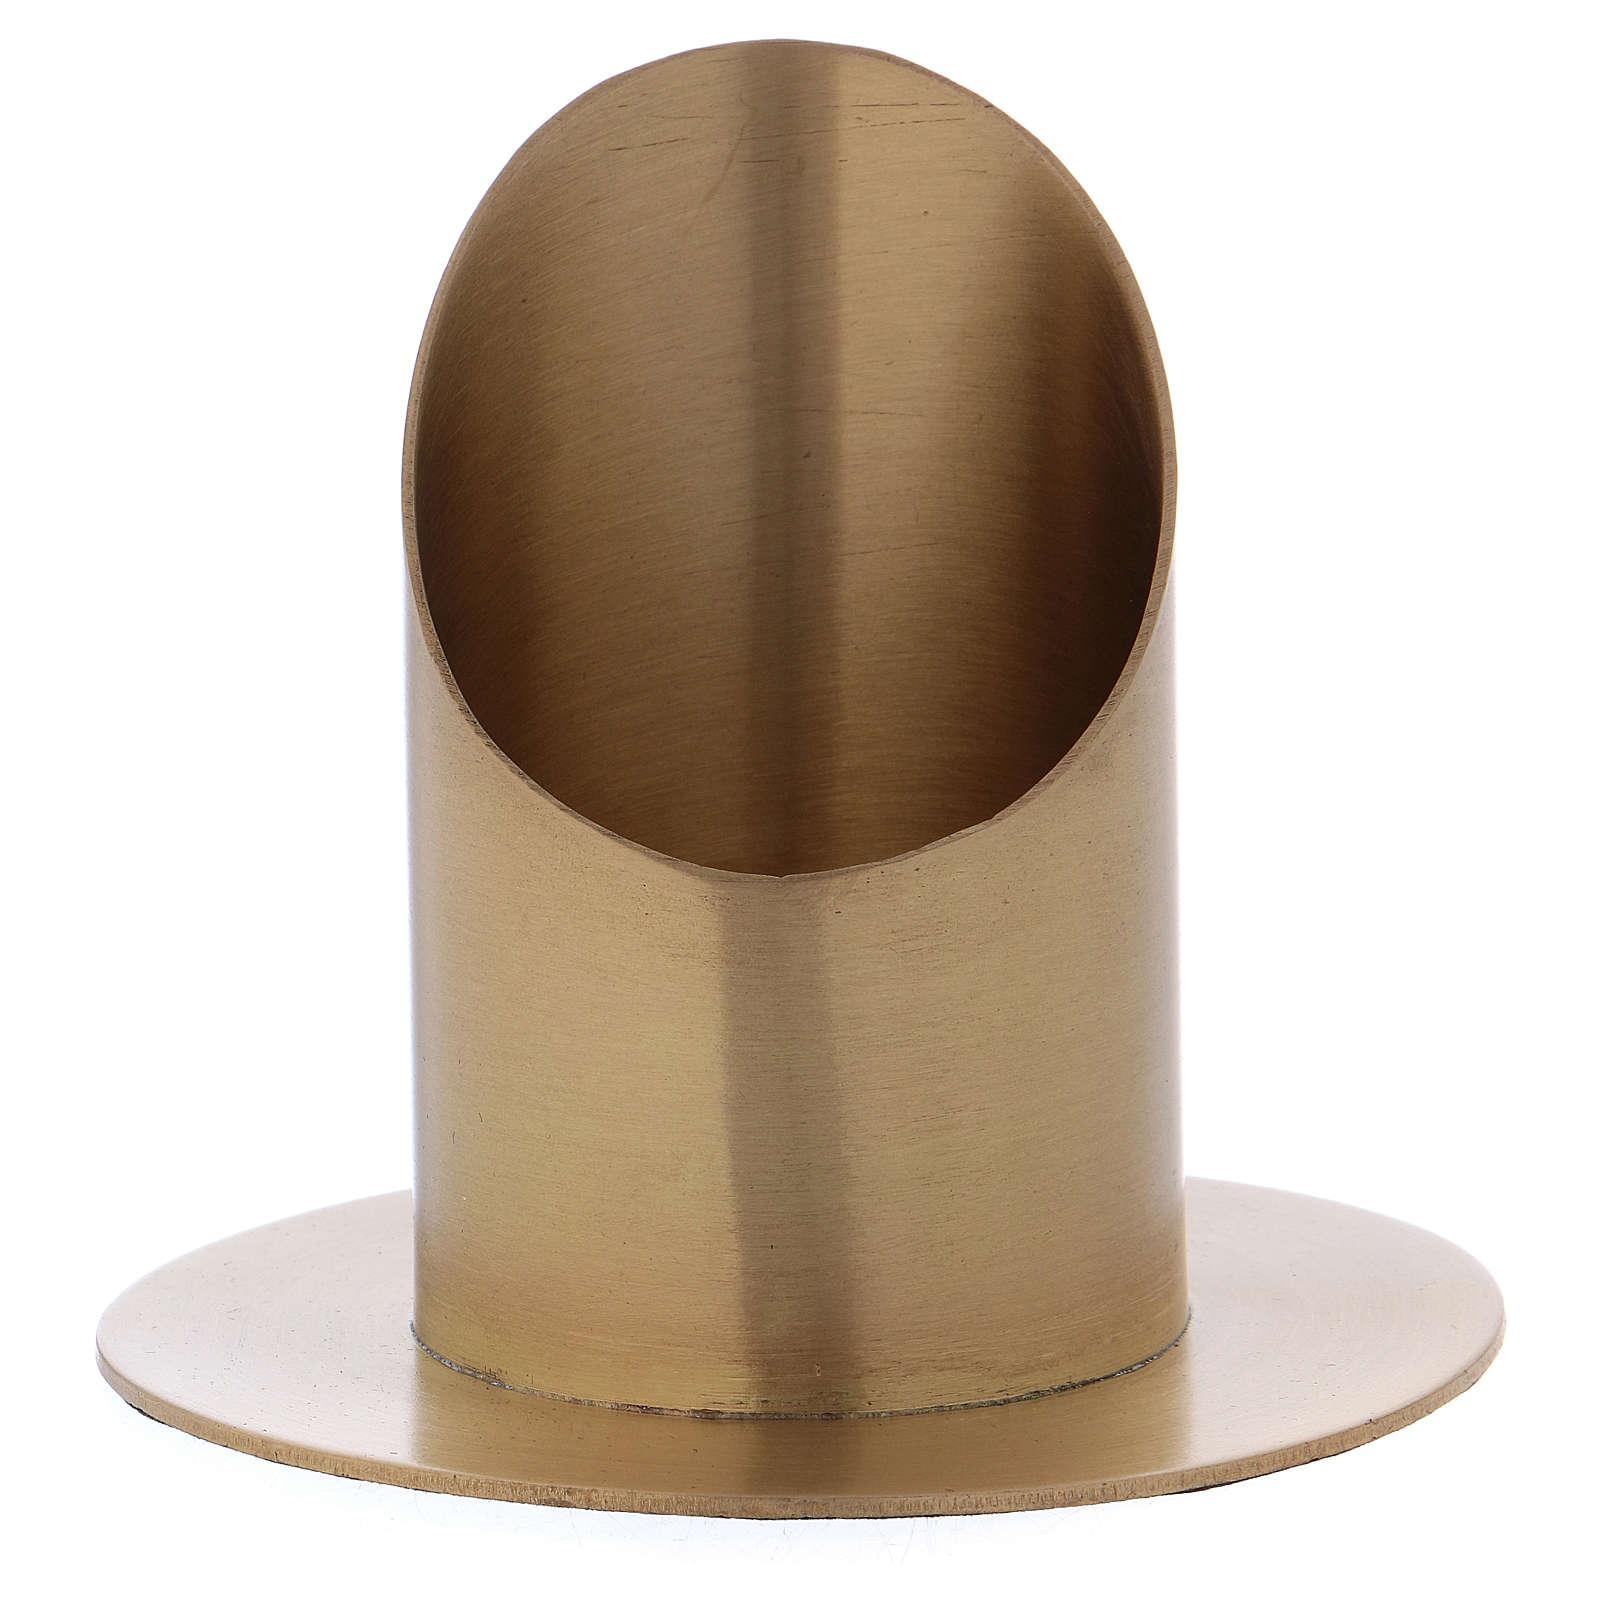 Portacero cilindrico ottone dorato satinato 6 cm 4